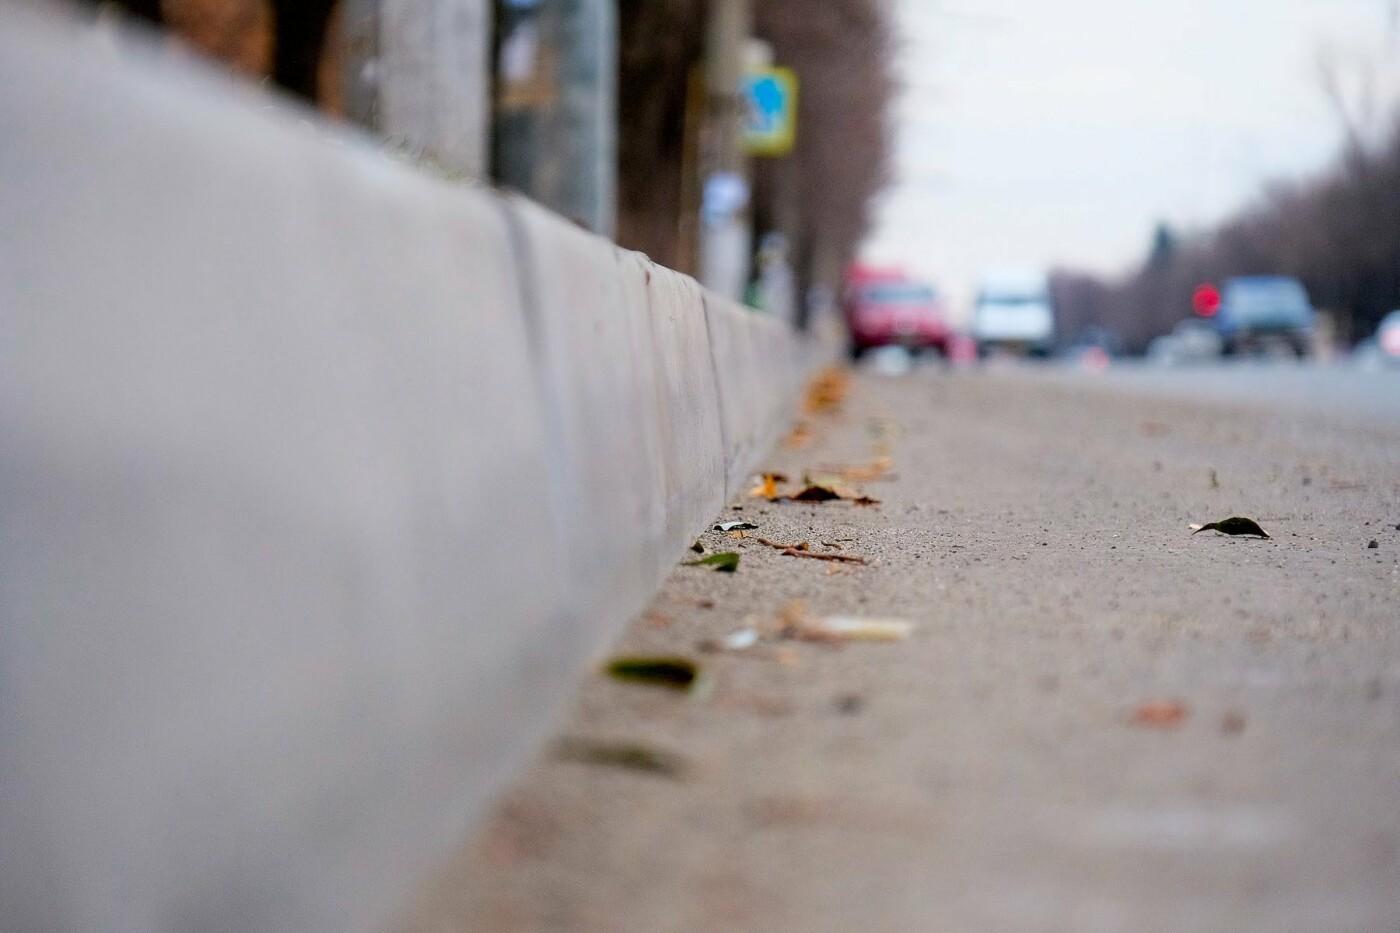 В Кривом Роге отремонтировали дорогу и дали гарантию на 5 лет, - ФОТО , фото-1